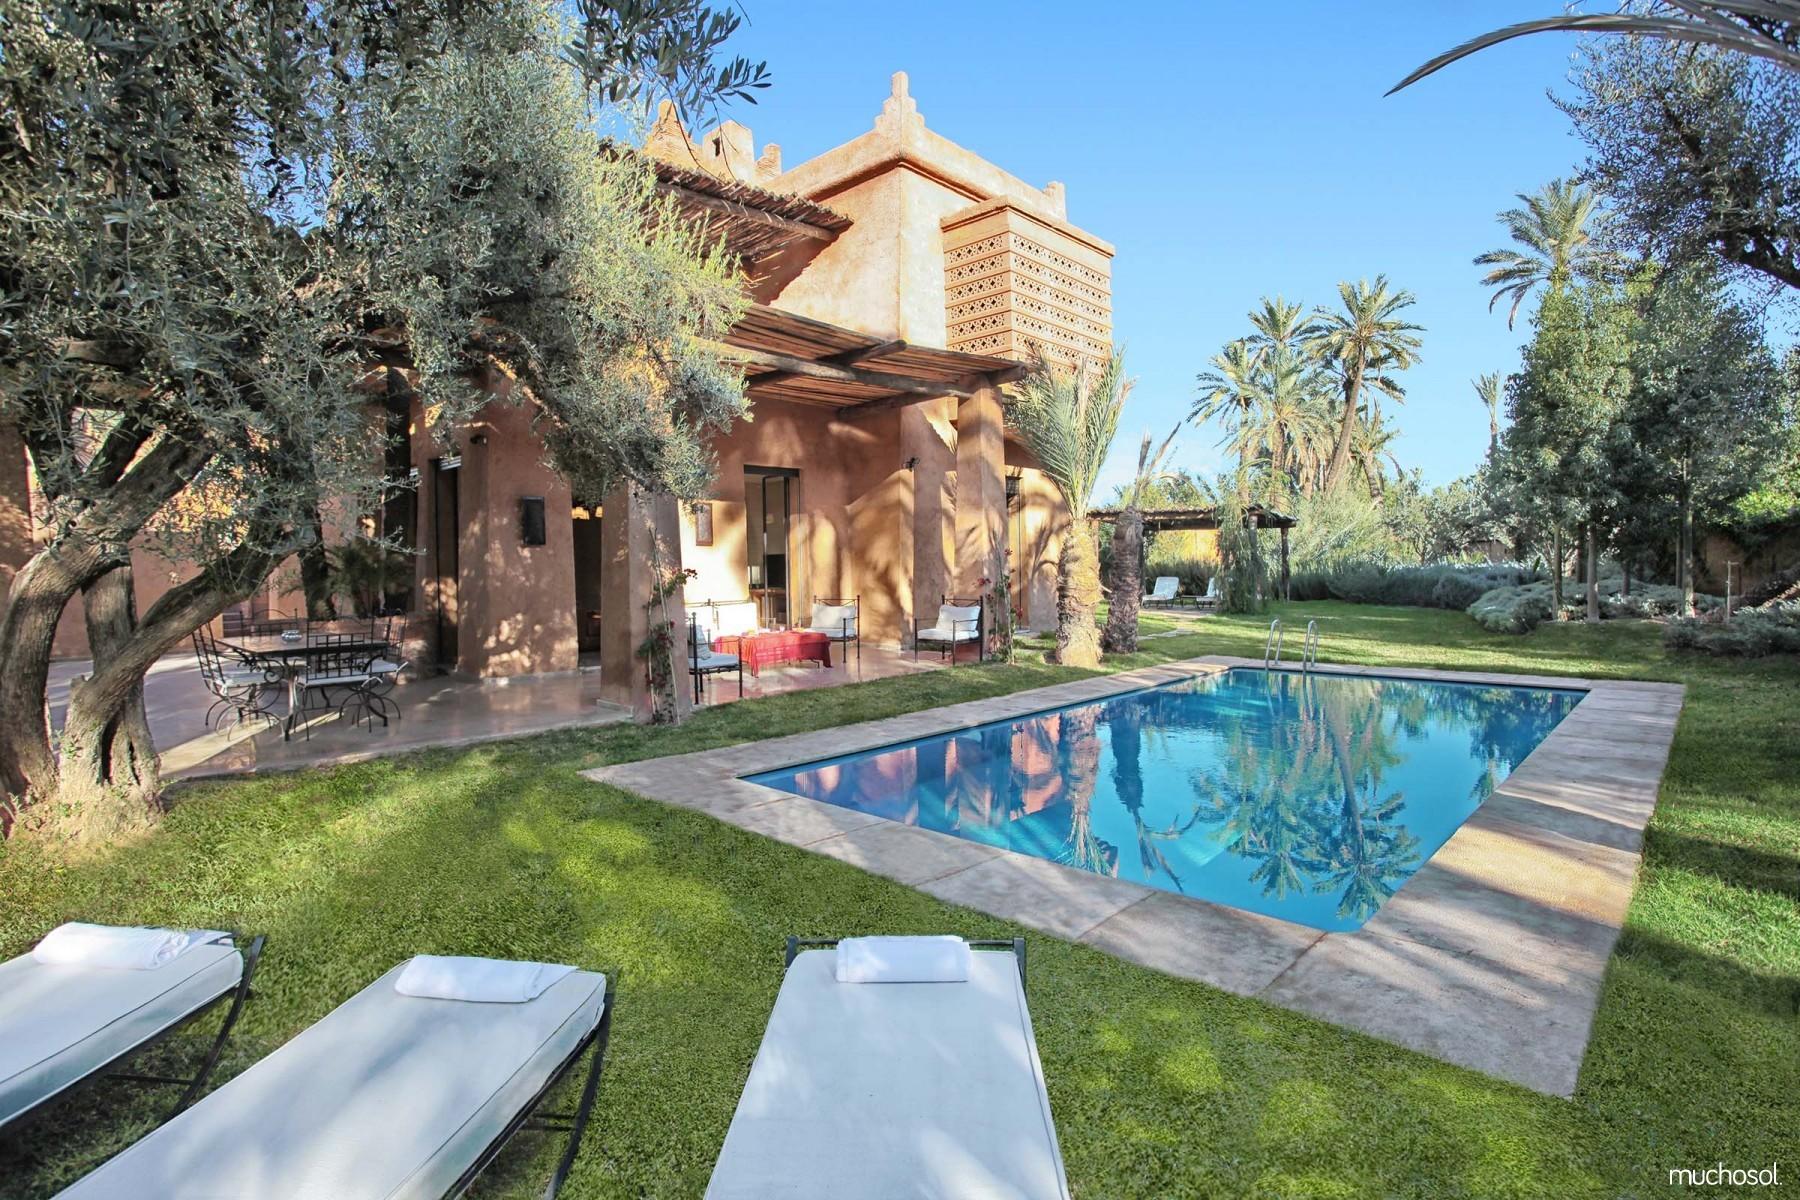 Maison avec piscine priv e marrakech ventana blog - Location maison avec piscine marrakech ...